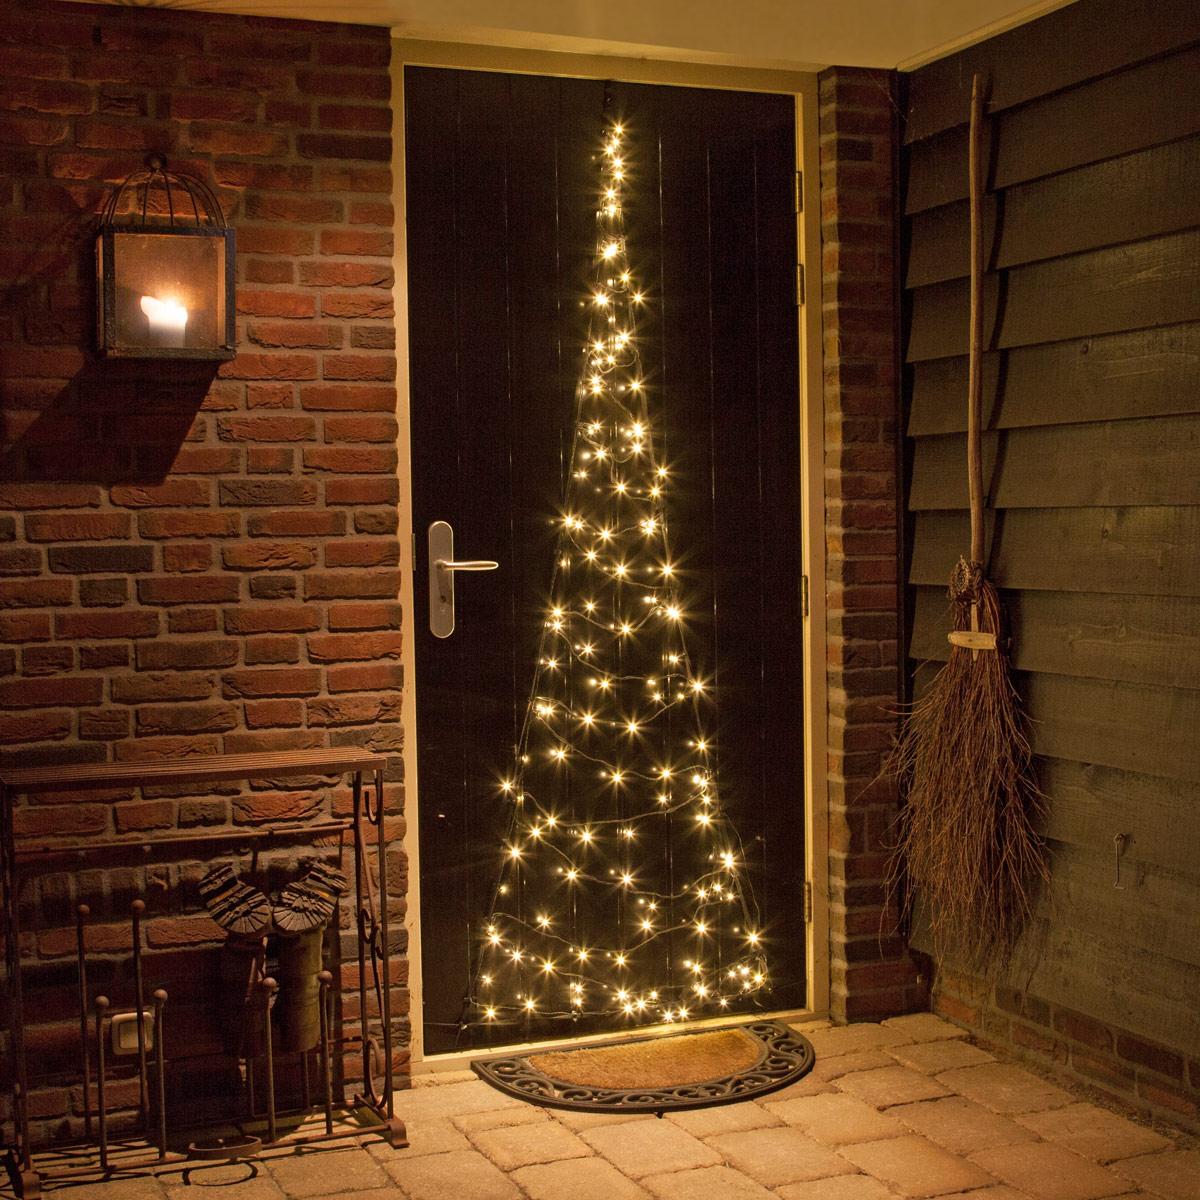 Fairybell weihnachtsbaum h210cm 60 led warmweiss f r - Fenster weihnachtsbeleuchtung ...